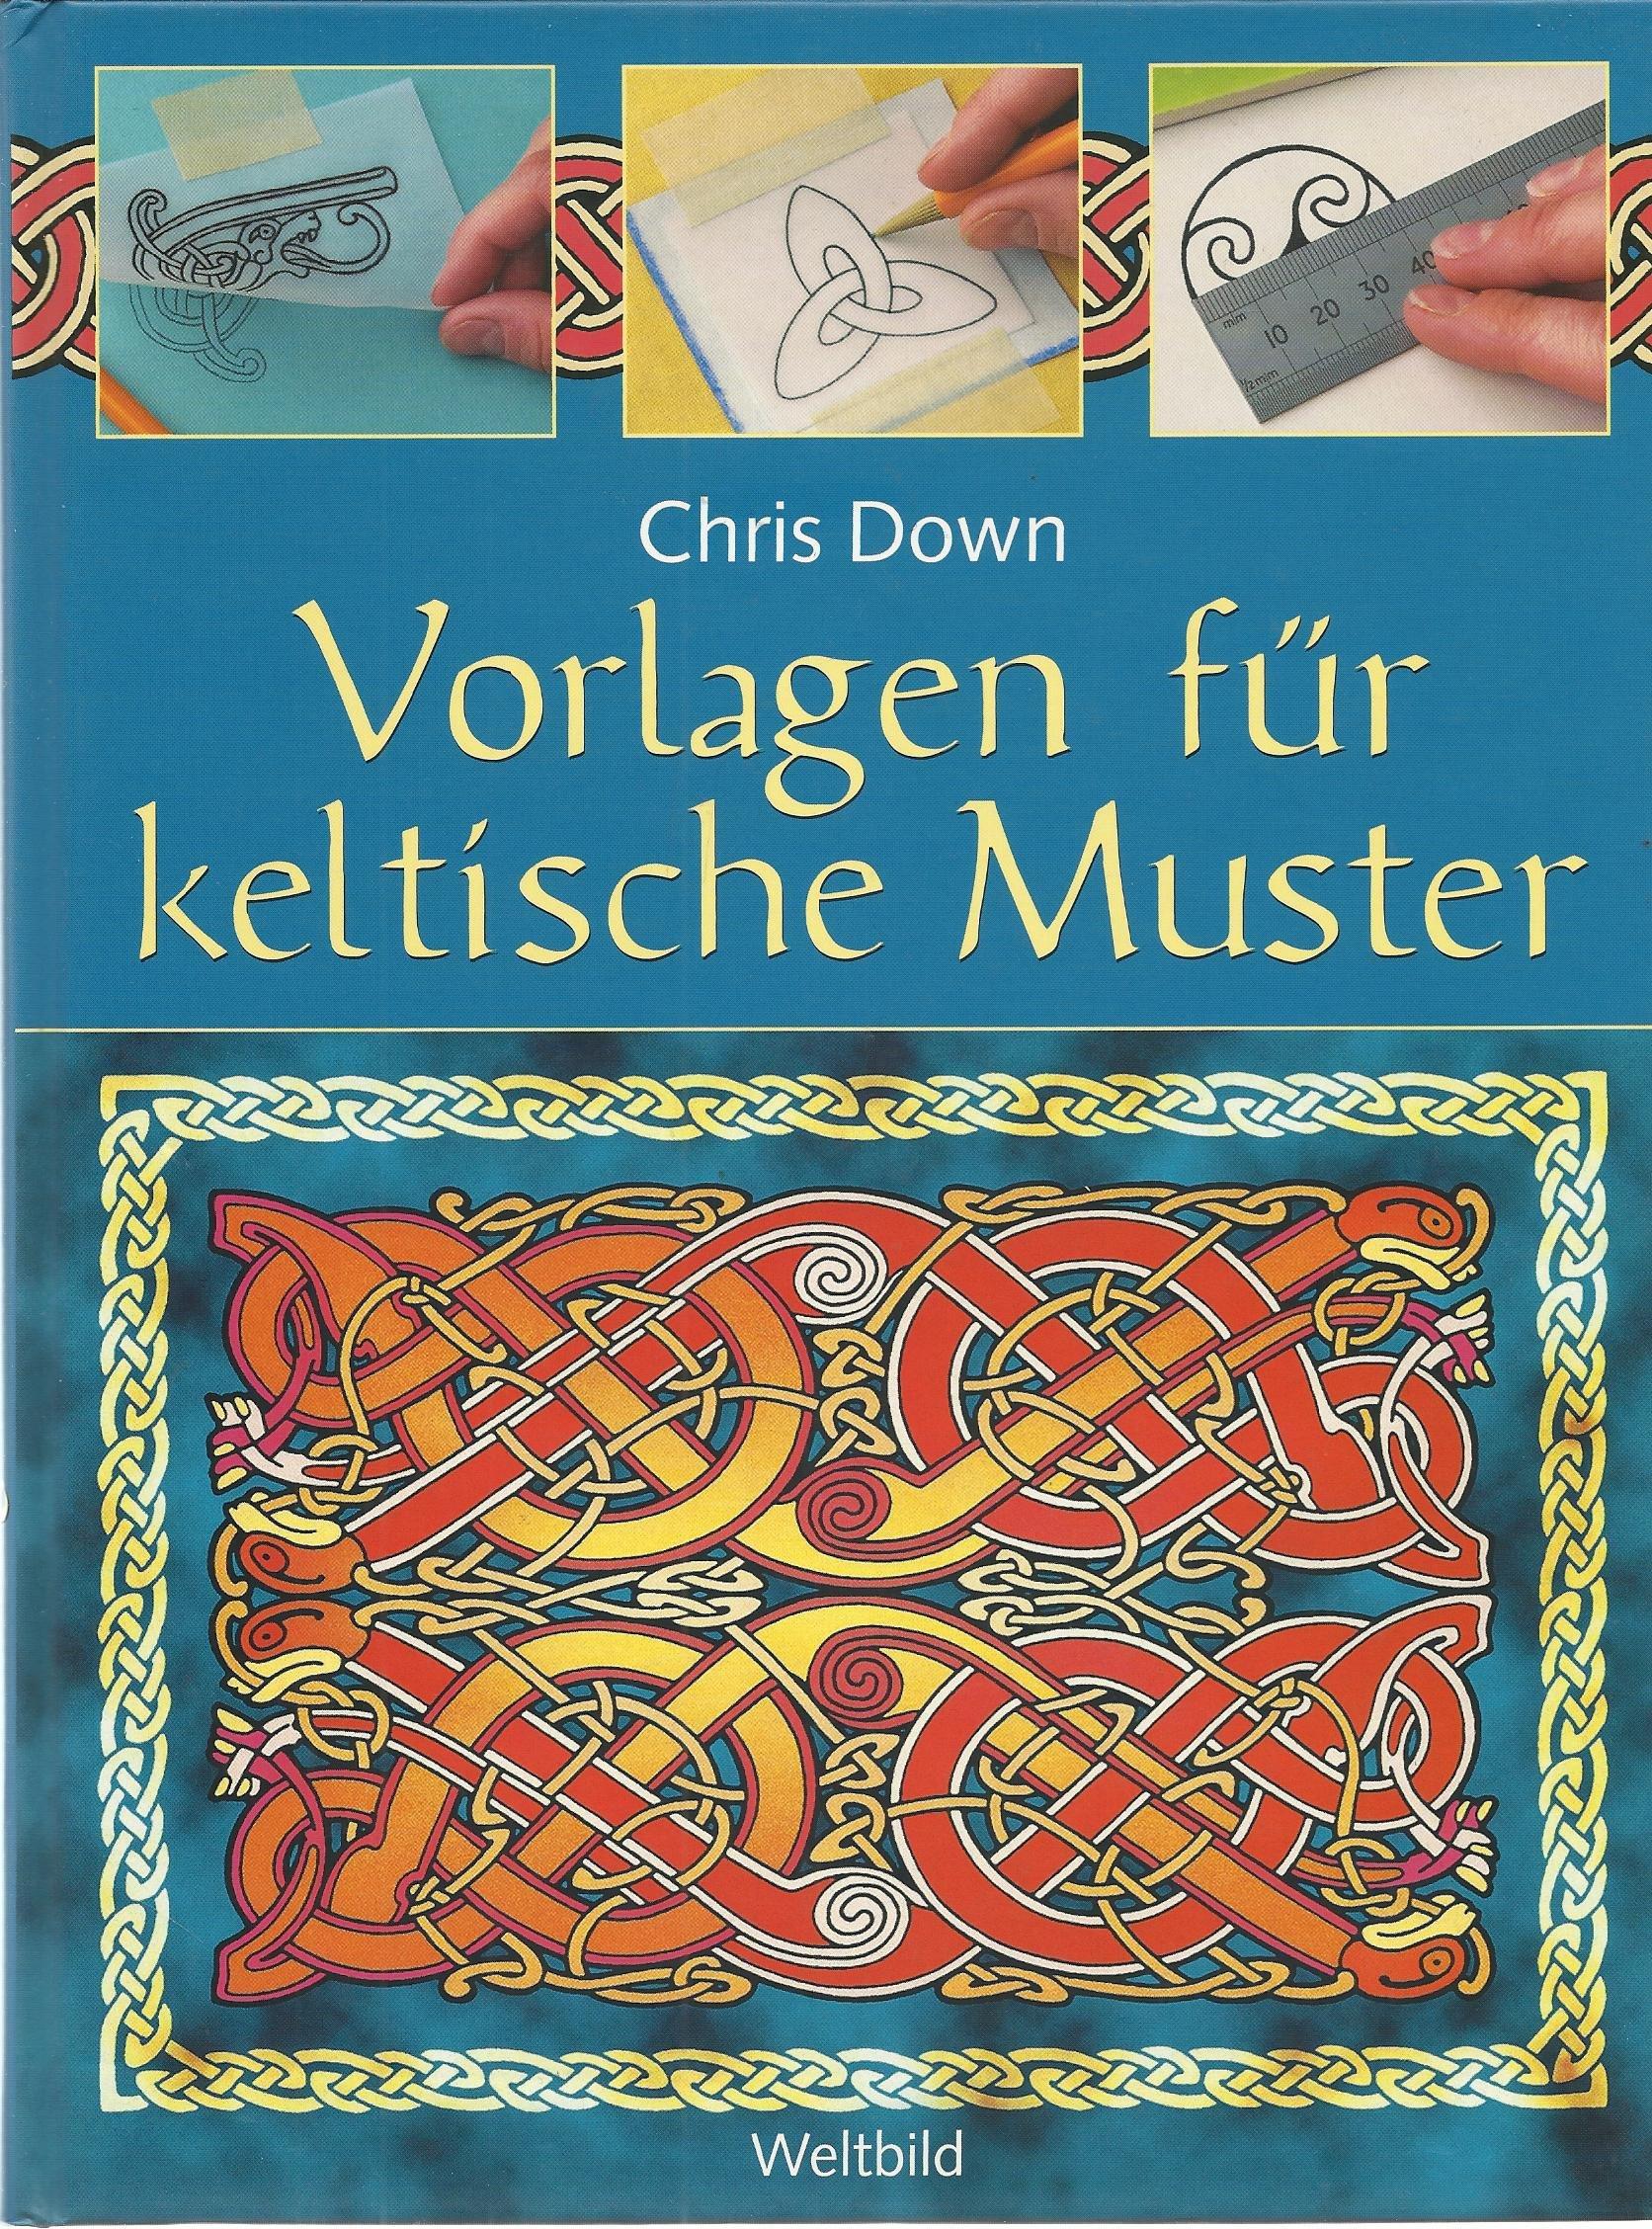 Vorlagen für keltische Muster: Amazon.de: Chris Down: Bücher